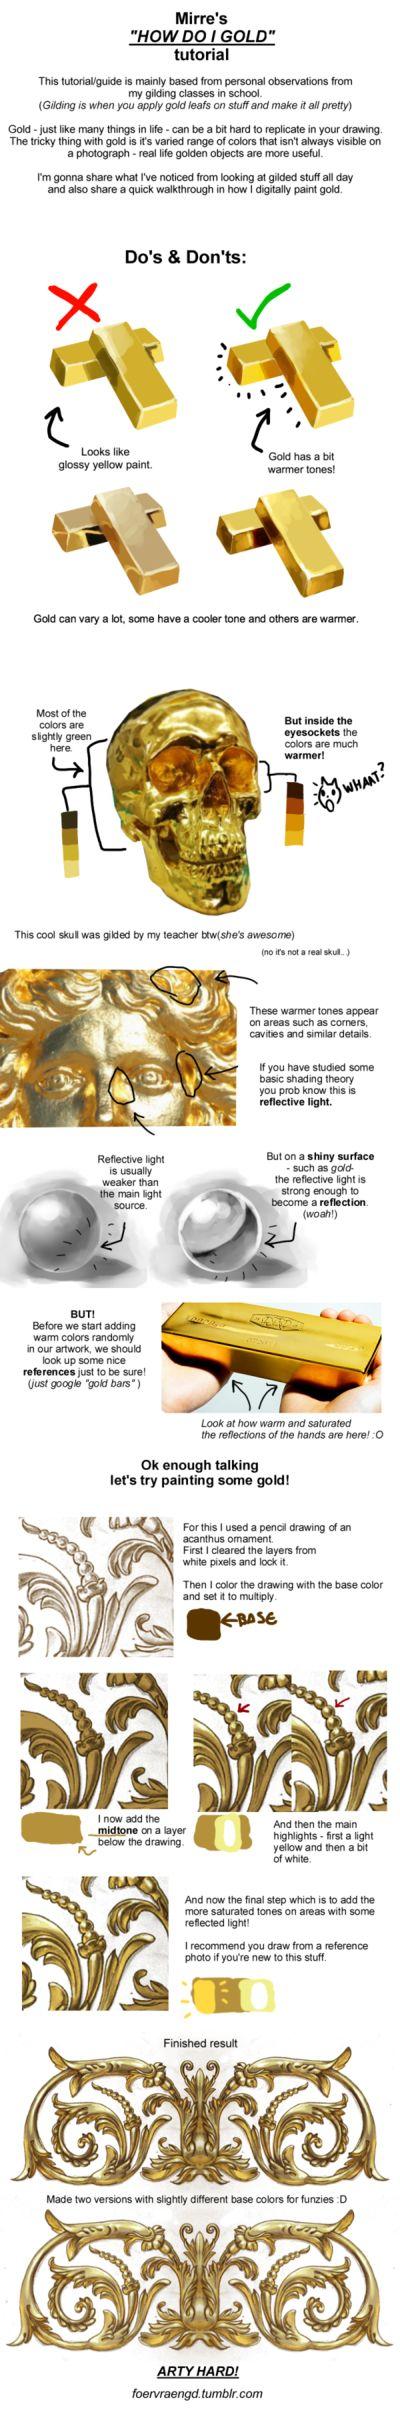 Tutorial: Painting Gold by FOERVRAENGD.deviantart.com on @DeviantArt